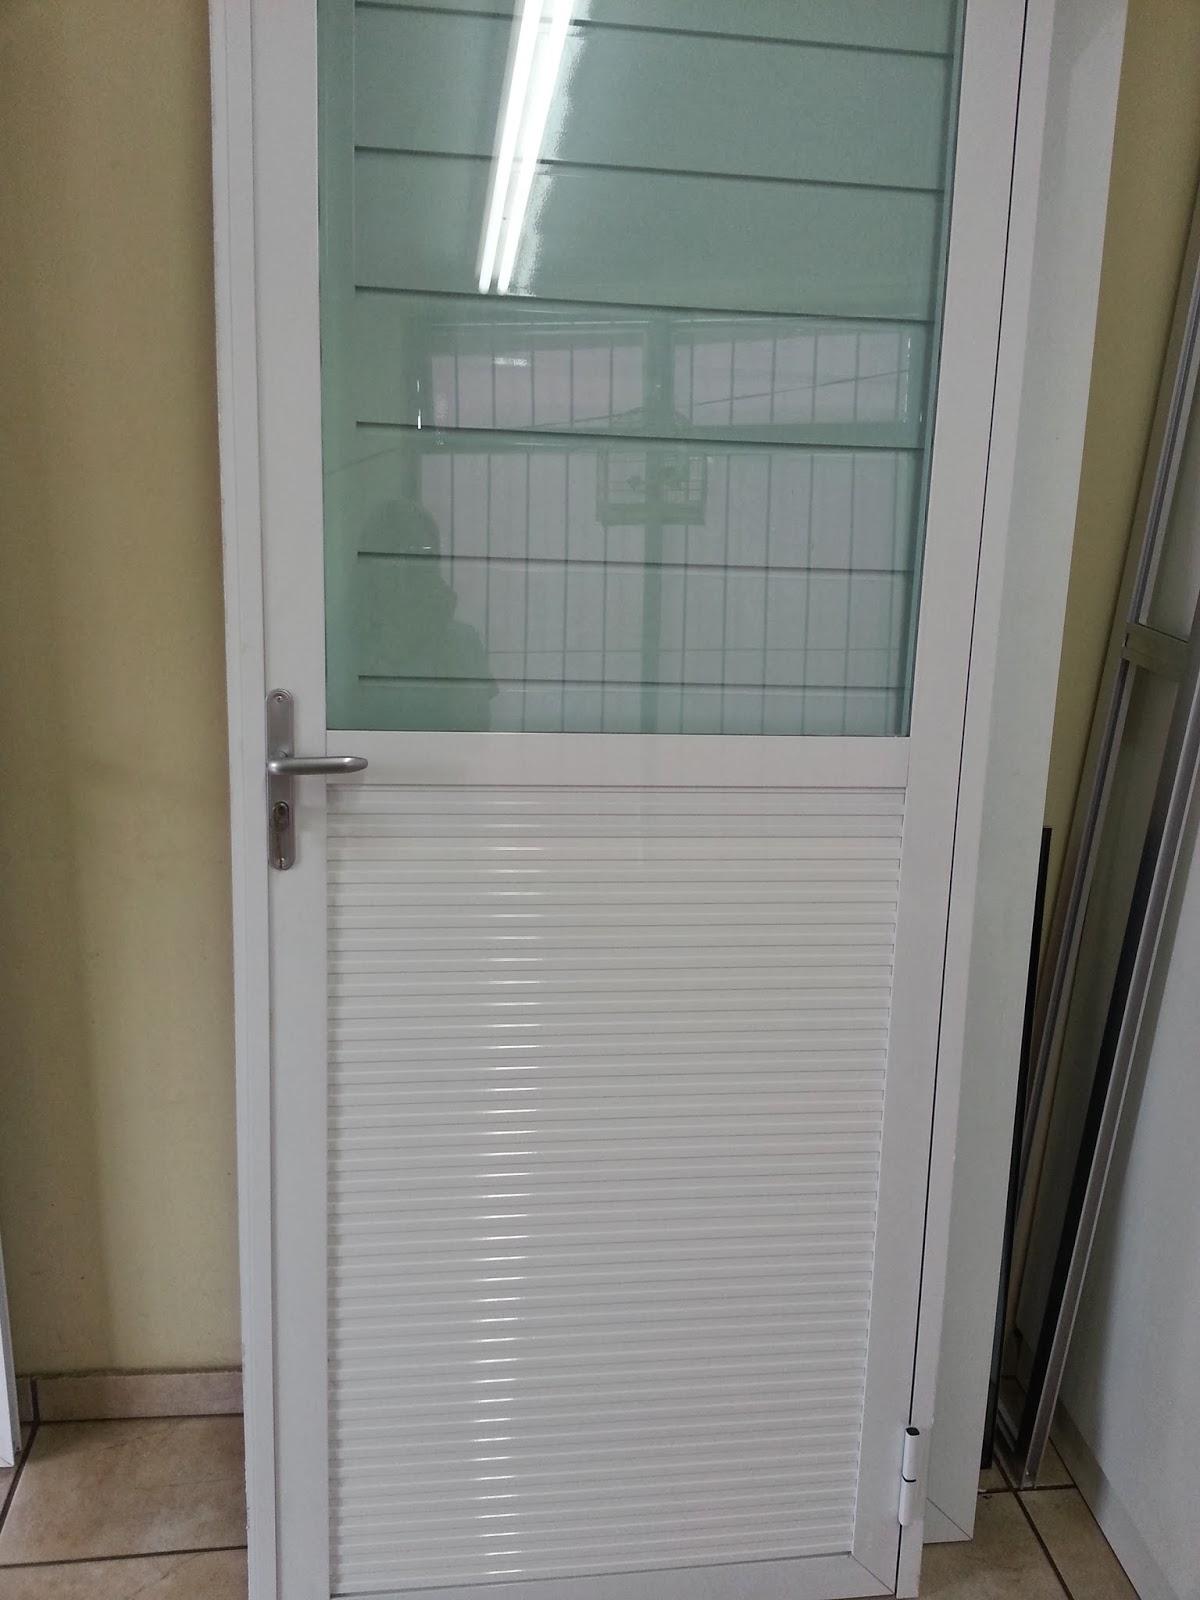 #6F6449 vista de dentro janela de correr com persiana vista de fora janela  974 Porta E Janela De Aluminio Branca